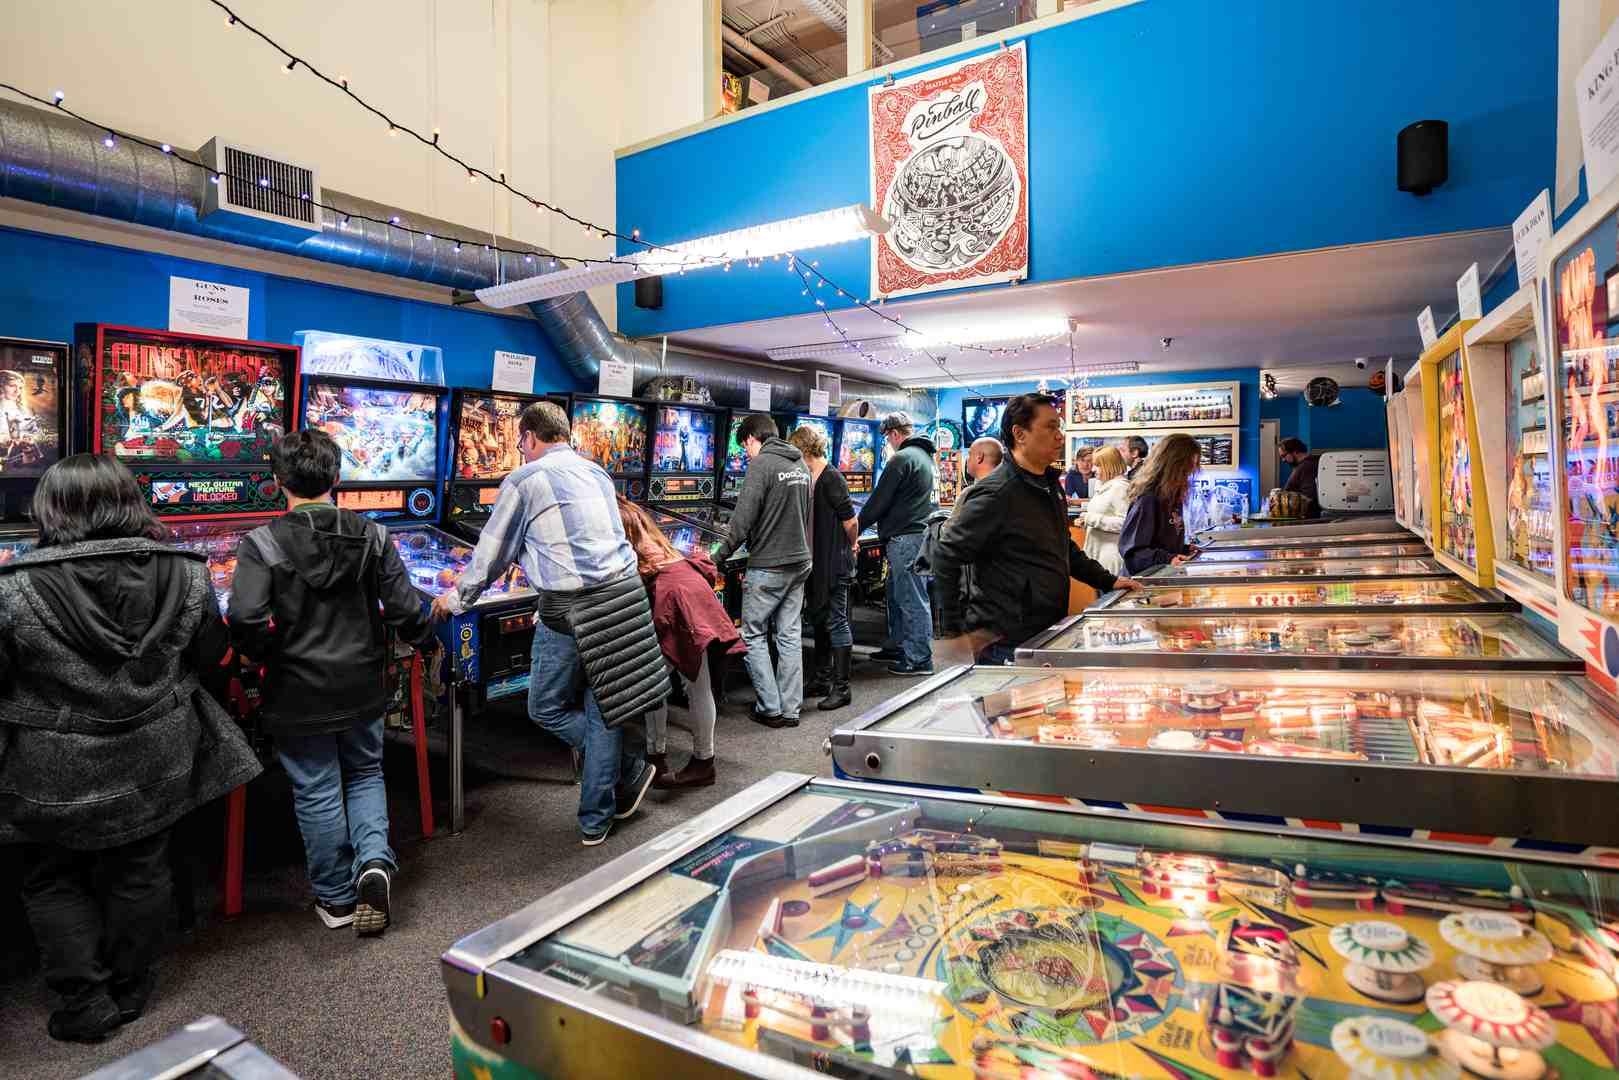 Interior of the Seattle Pinball Machine